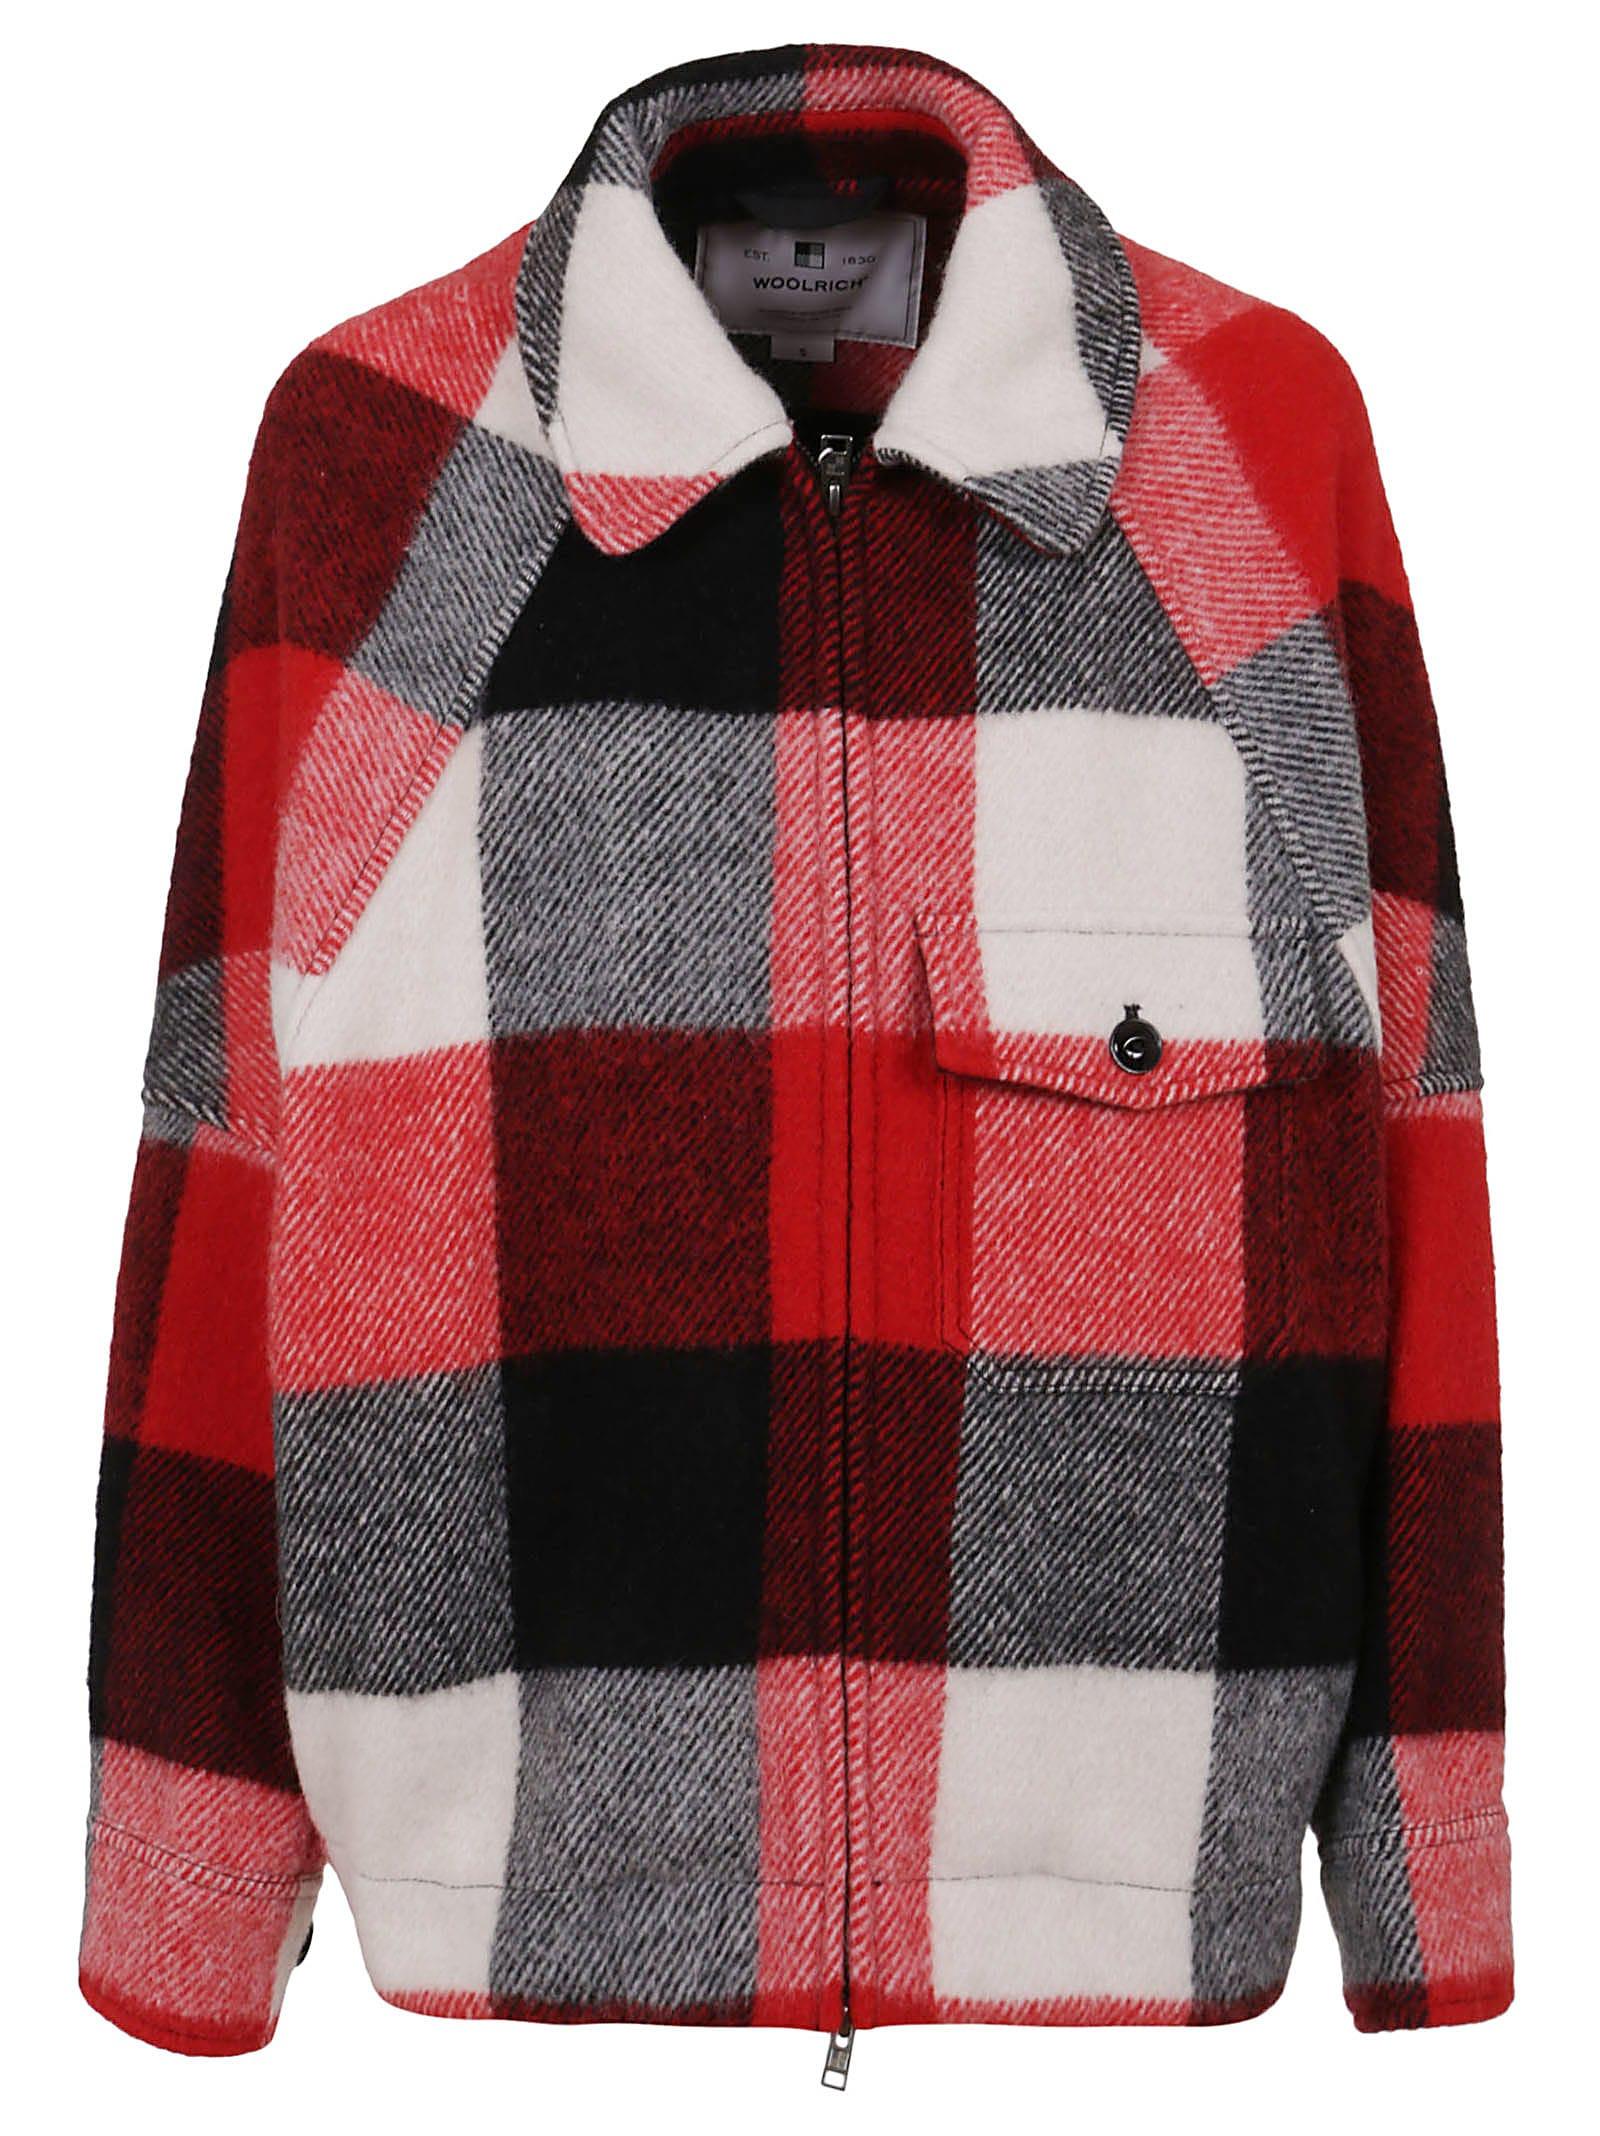 Patterned Wool Coat